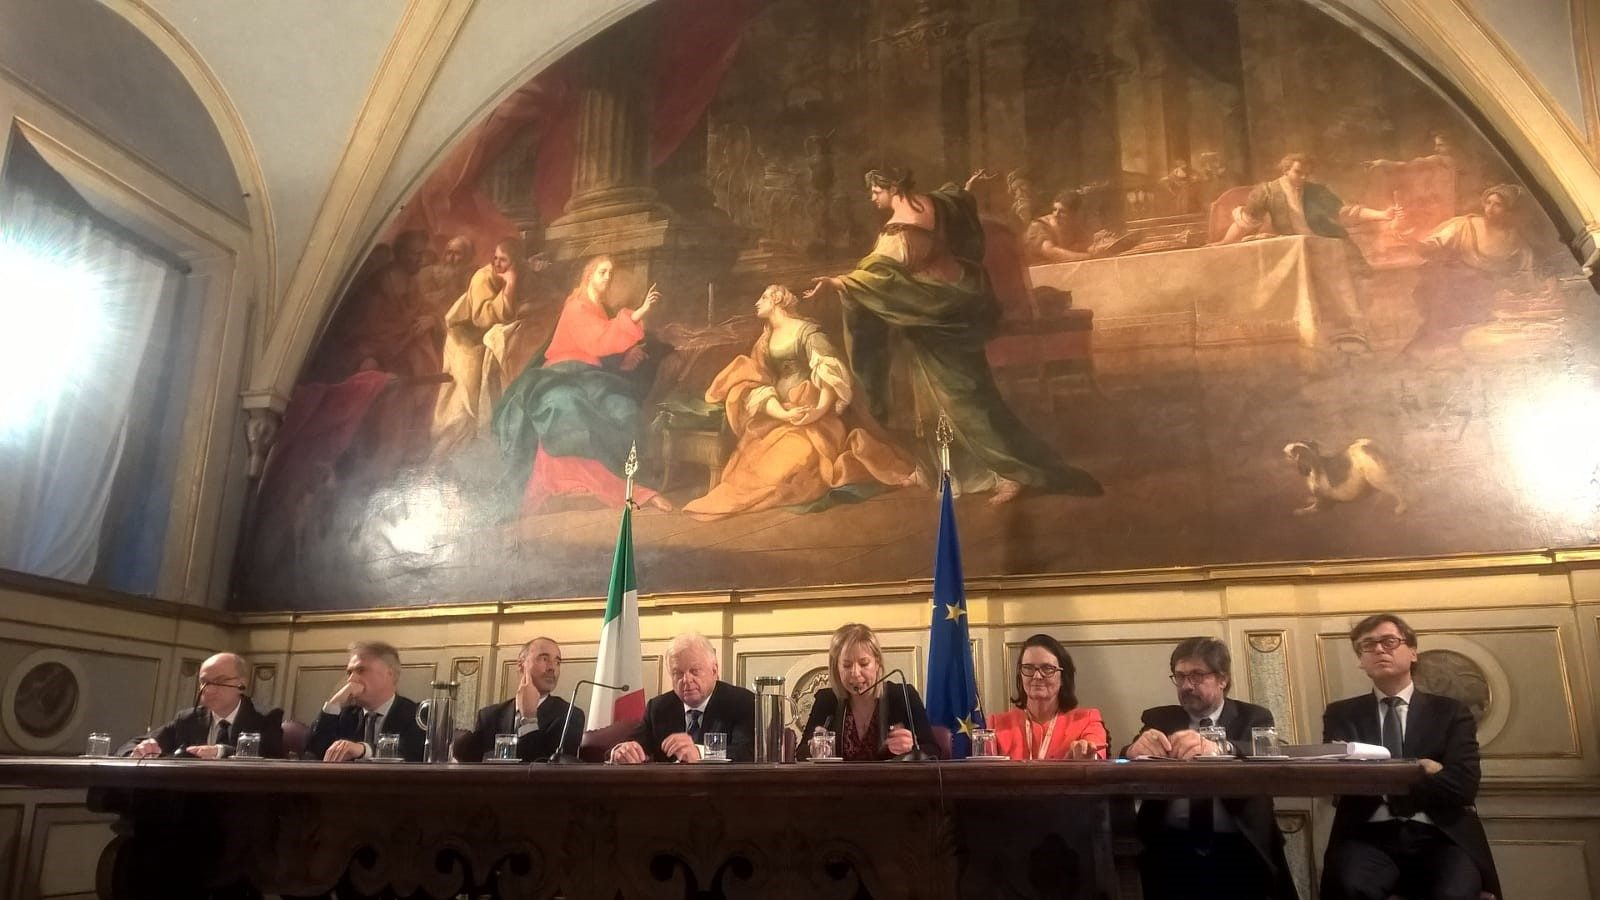 Confindustria, Claudio Andrea Gemme durante la presentazione della Carta per la sostenibilità e la competitività delle imprese nell'economia circolare (febbraio 2019)